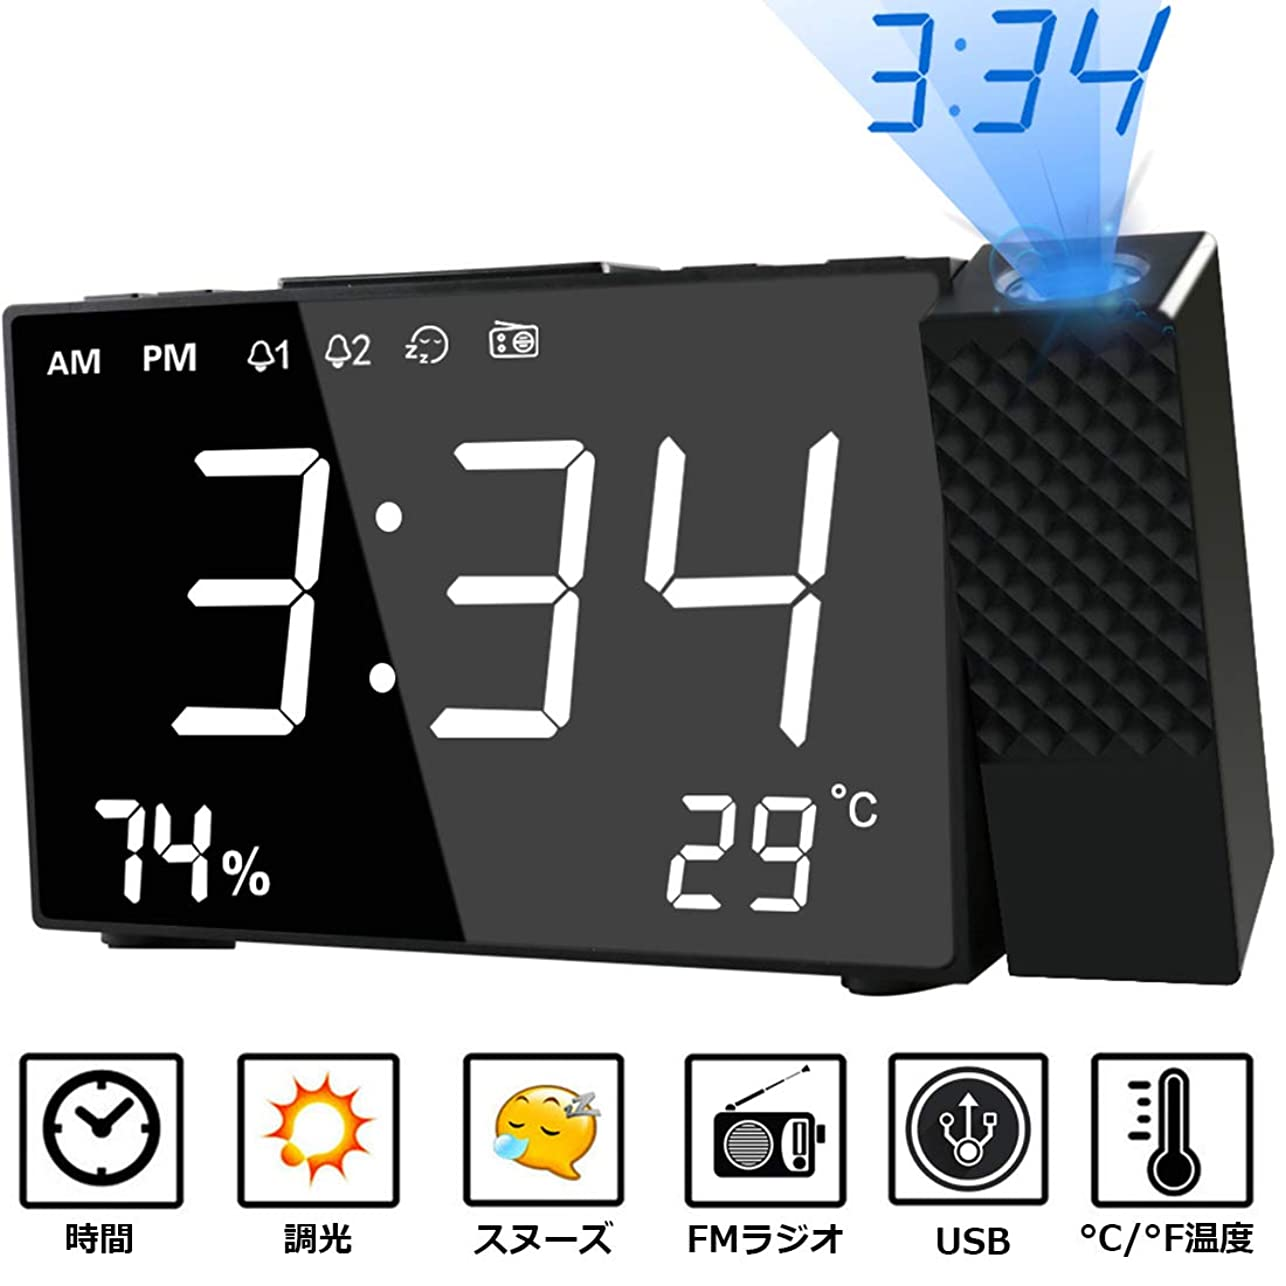 評価遅れ交流する目覚まし時計 HQQNUO 置き時計 投影 時計 FMラジオ付き デジタル時計 大音量 投影180°調整可能 20個FMメモリー可能 温湿度表示 携帯充電可能